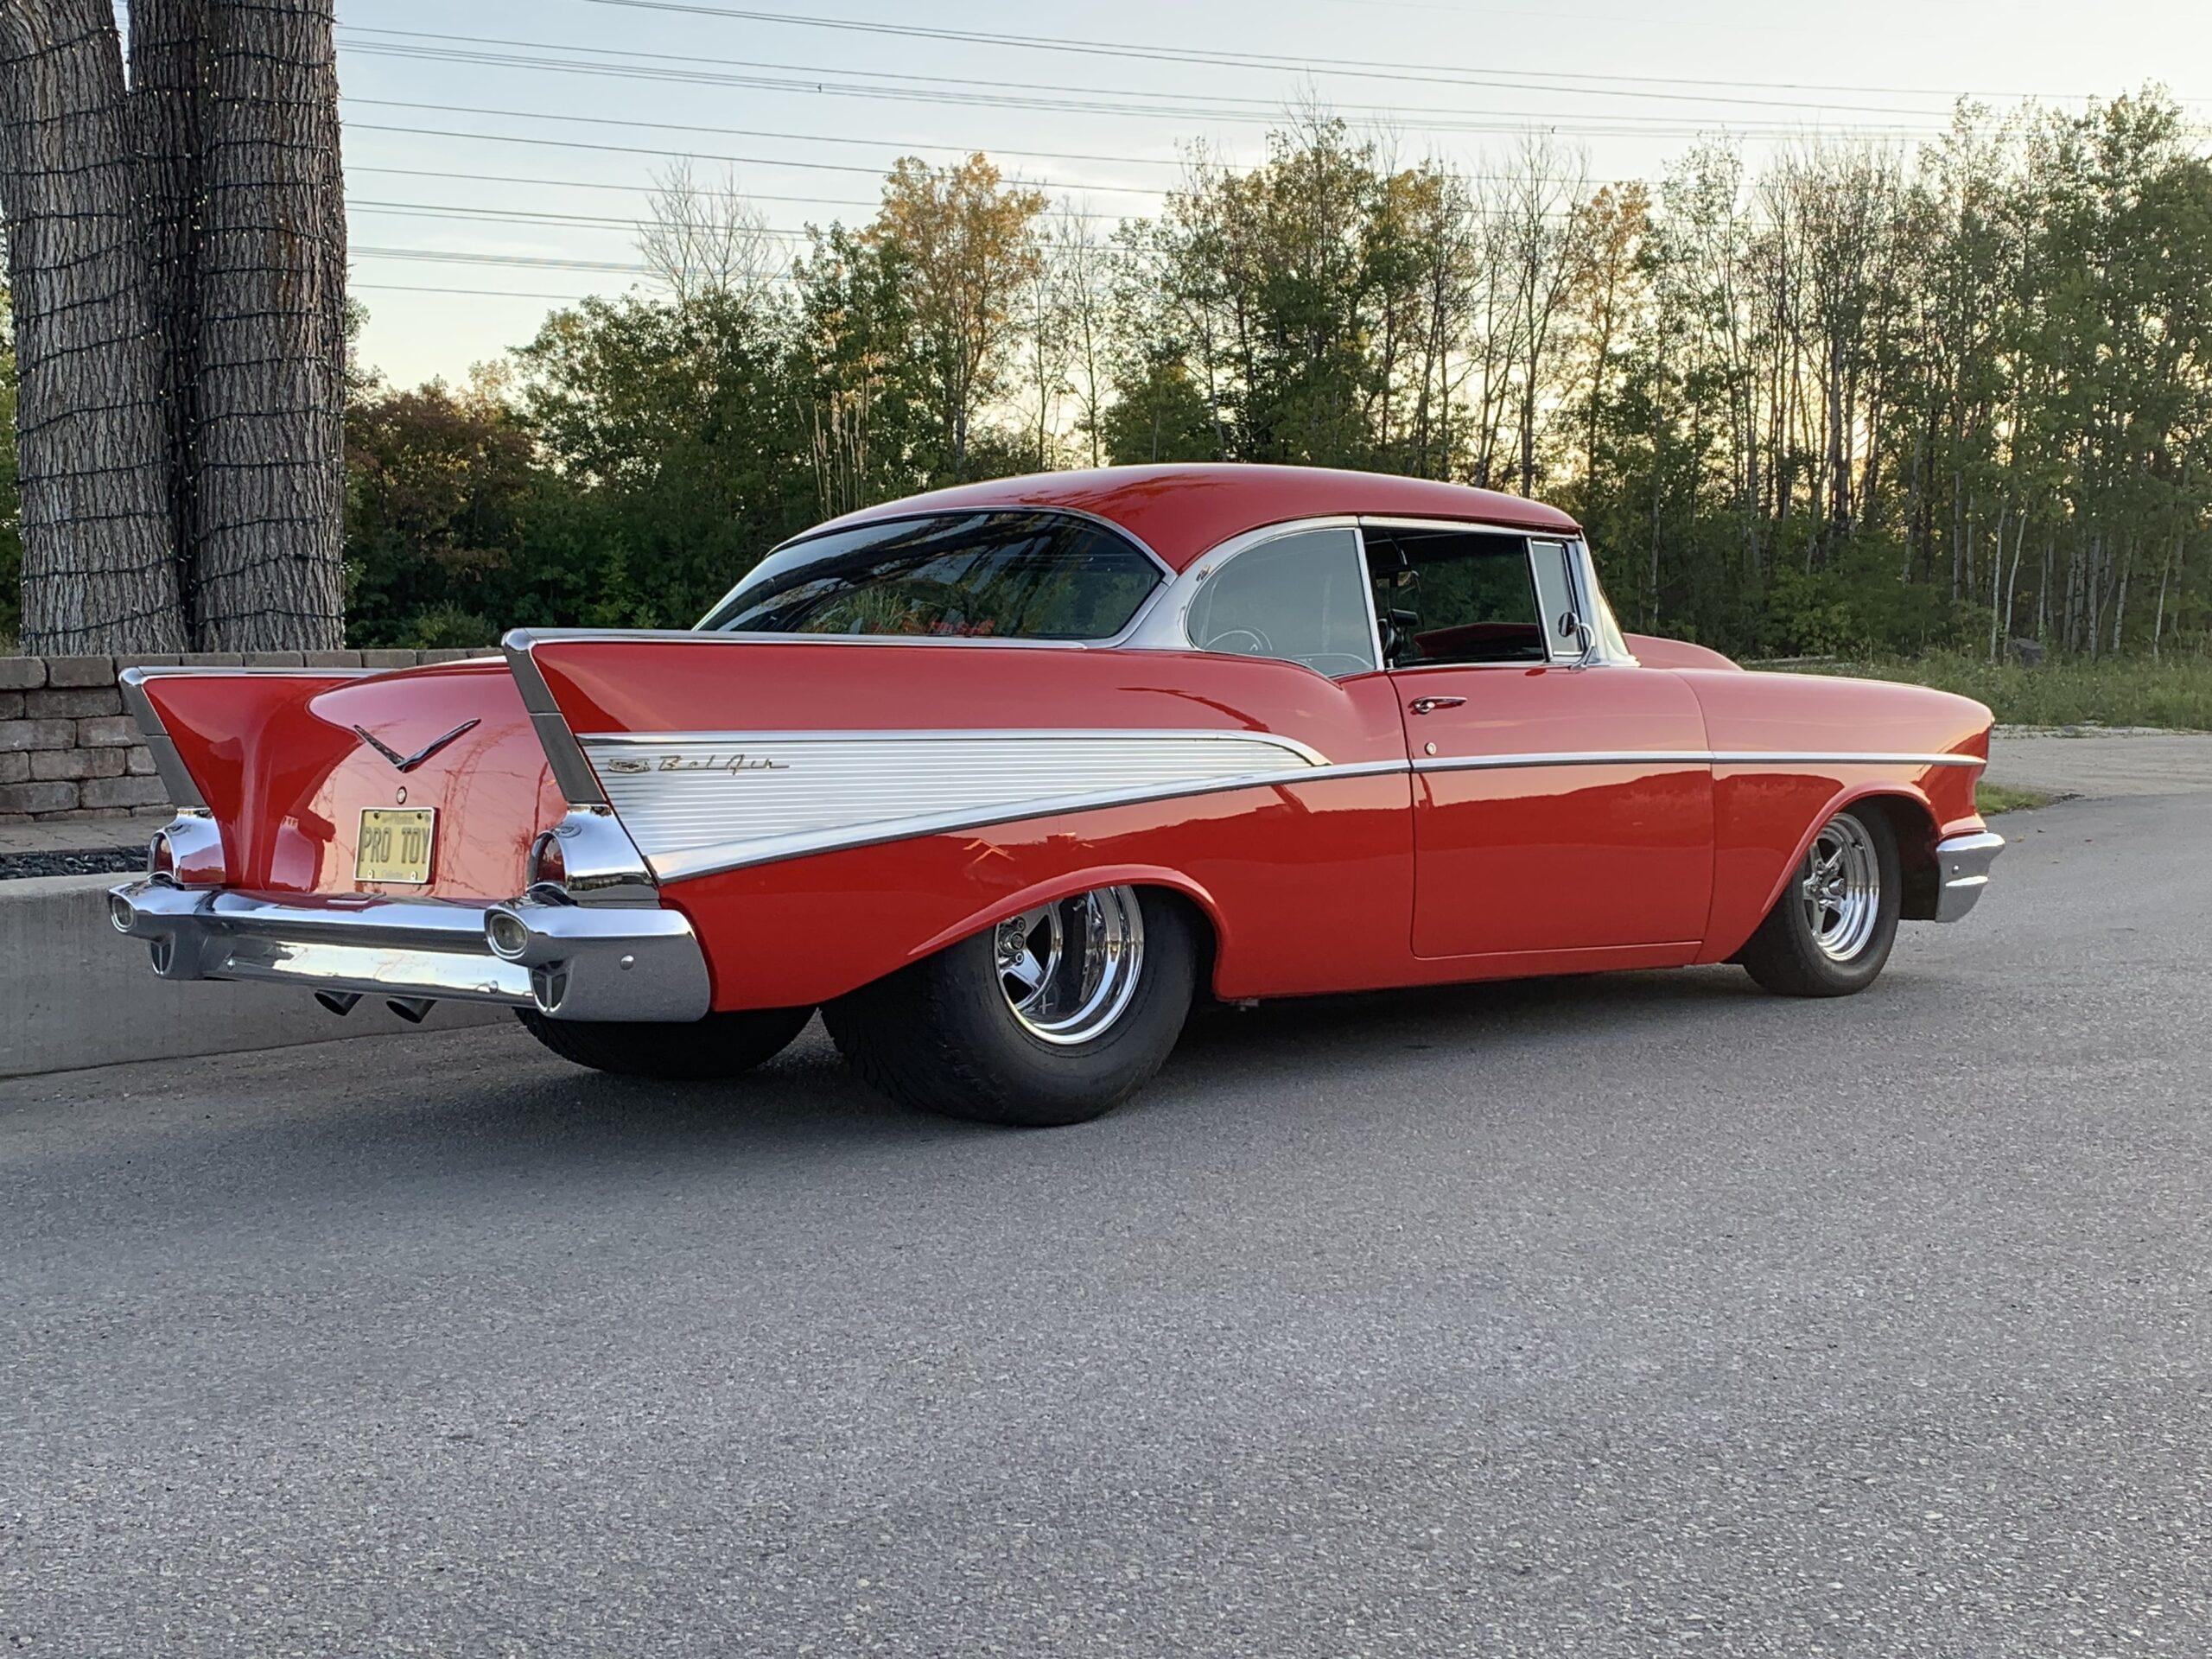 Ken Haller - Manitoba -1957 Chevy